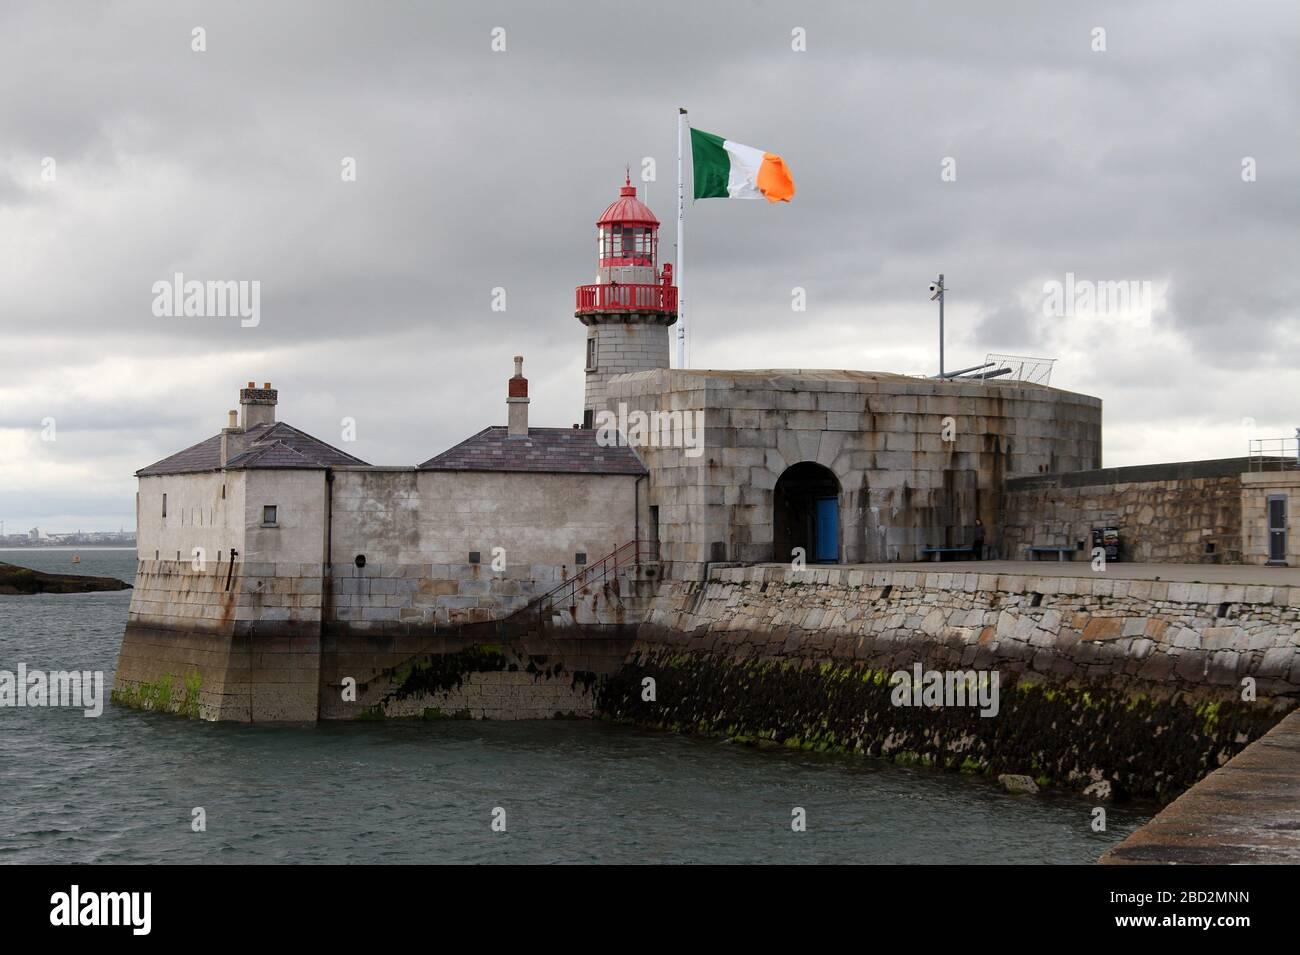 Bandera Nacional de Irlanda volando en el faro de Dun Laoghaire en el condado de Dublín Foto de stock